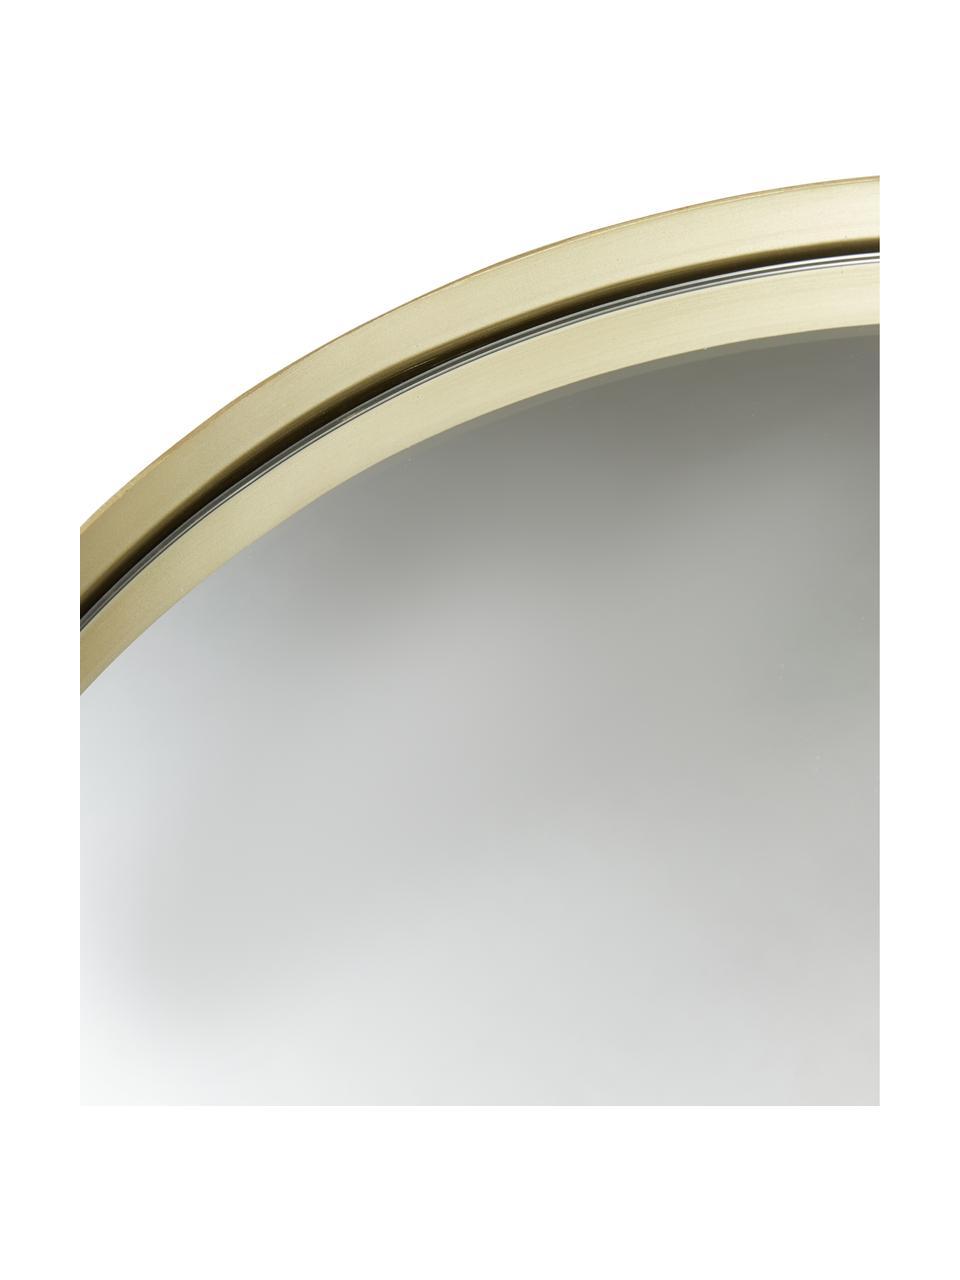 Ronde wandspiegel Ivy met goudkleurige lijst, Lijst: vermessingd metaal, Messingkleurig, Ø 40 cm